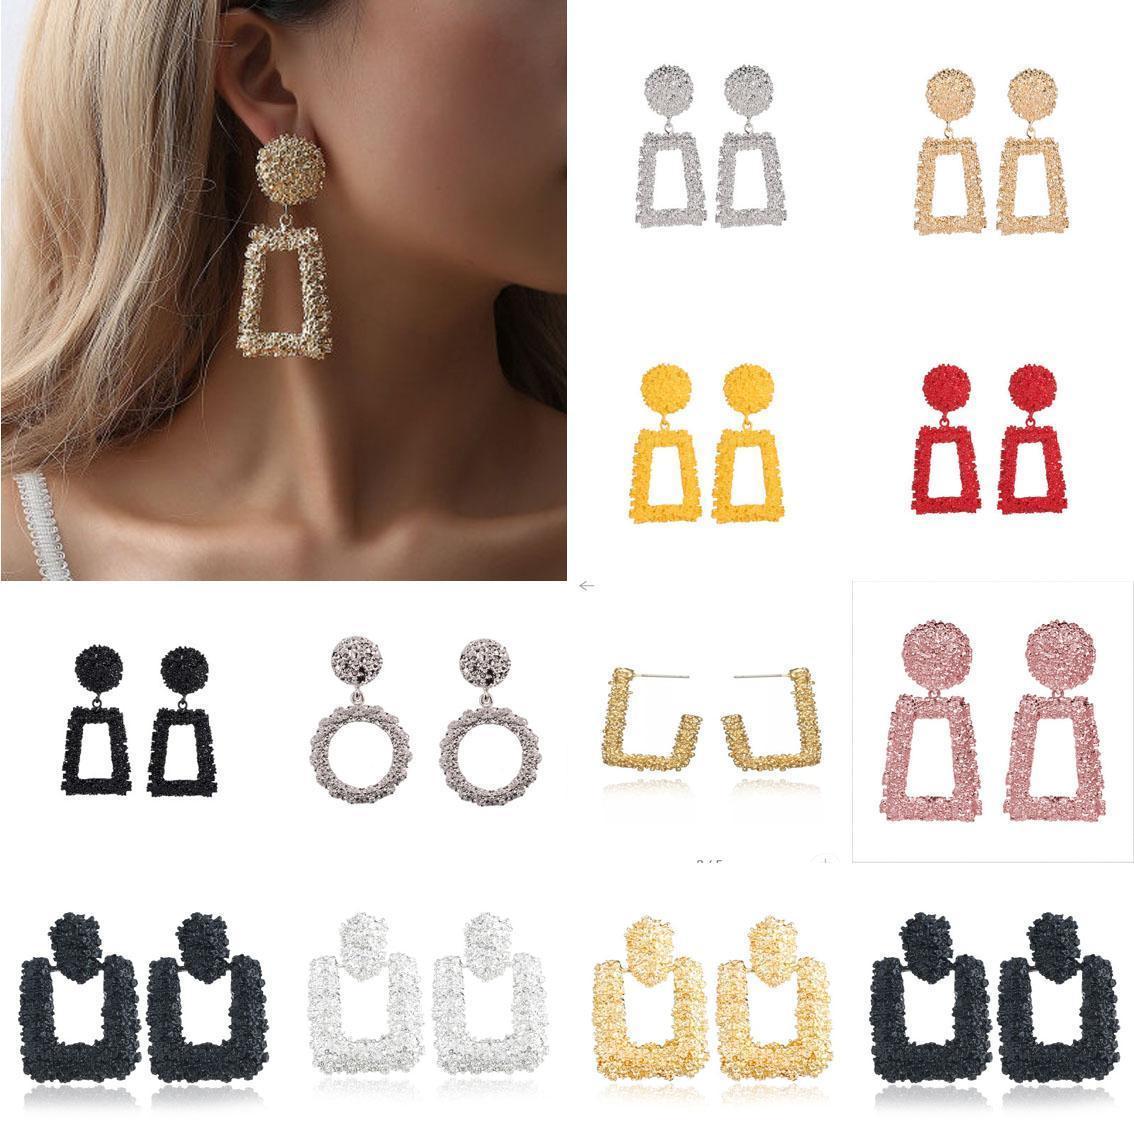 2020 orecchini di dichiarazione del Grande Vintage orecchini per le donne di colore oro geometriche 2018 metallo Earing Hanging Trend Jewelry6212 #